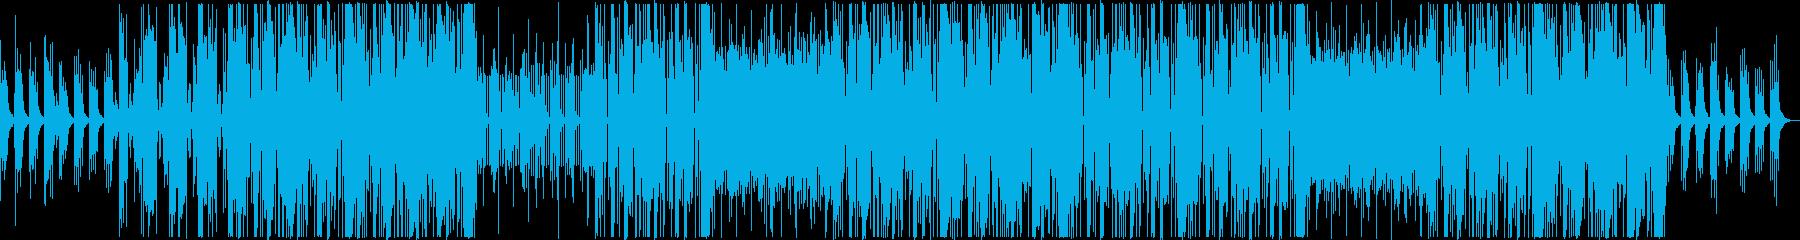 戦闘 切ない ヒップホップの再生済みの波形